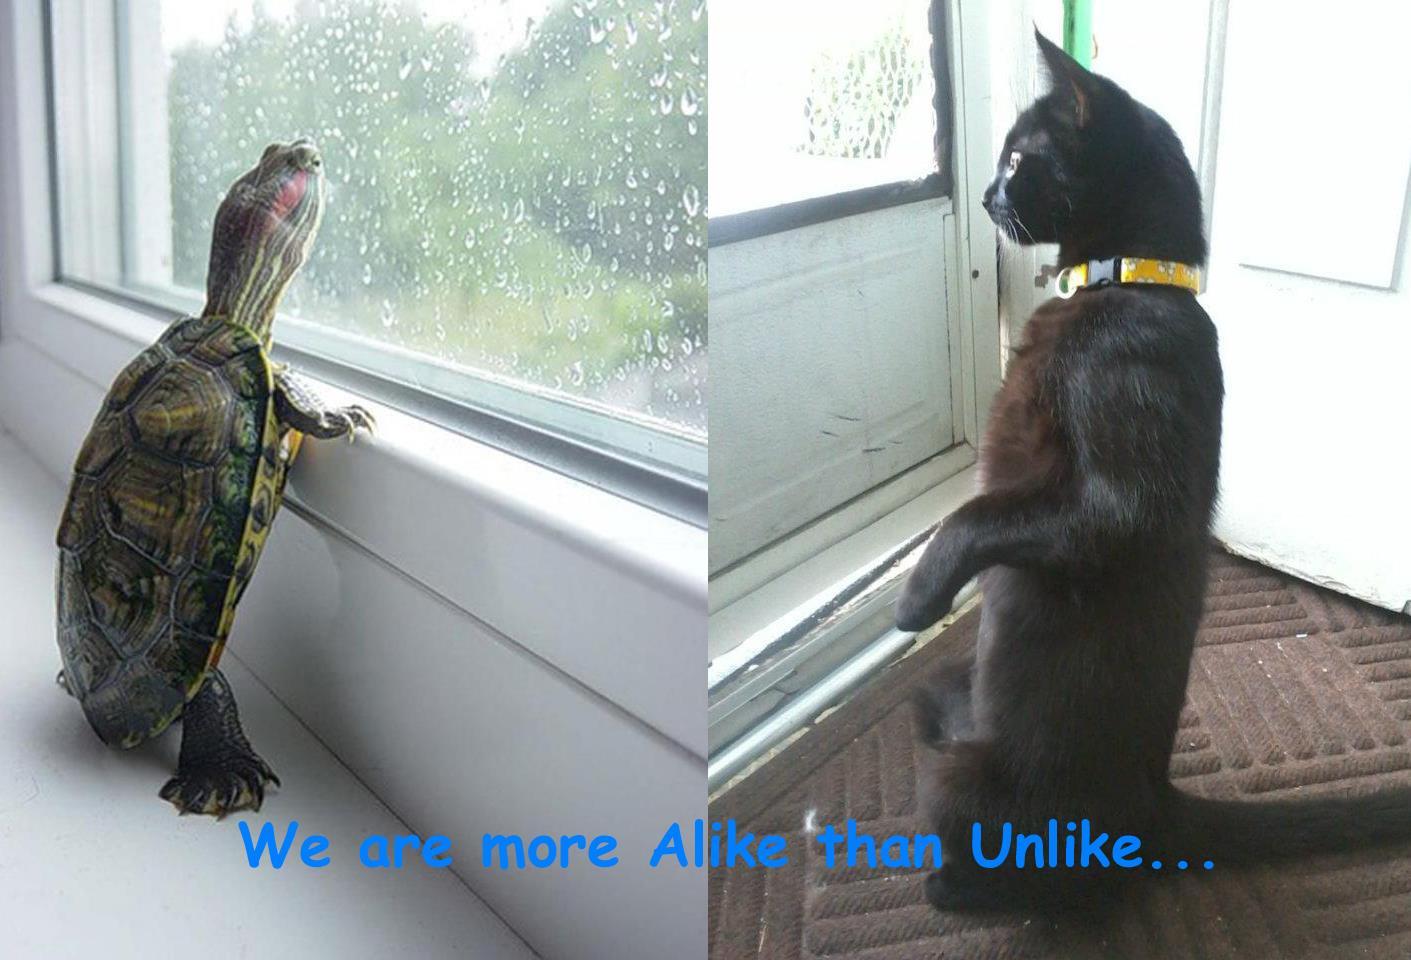 Alike unlike